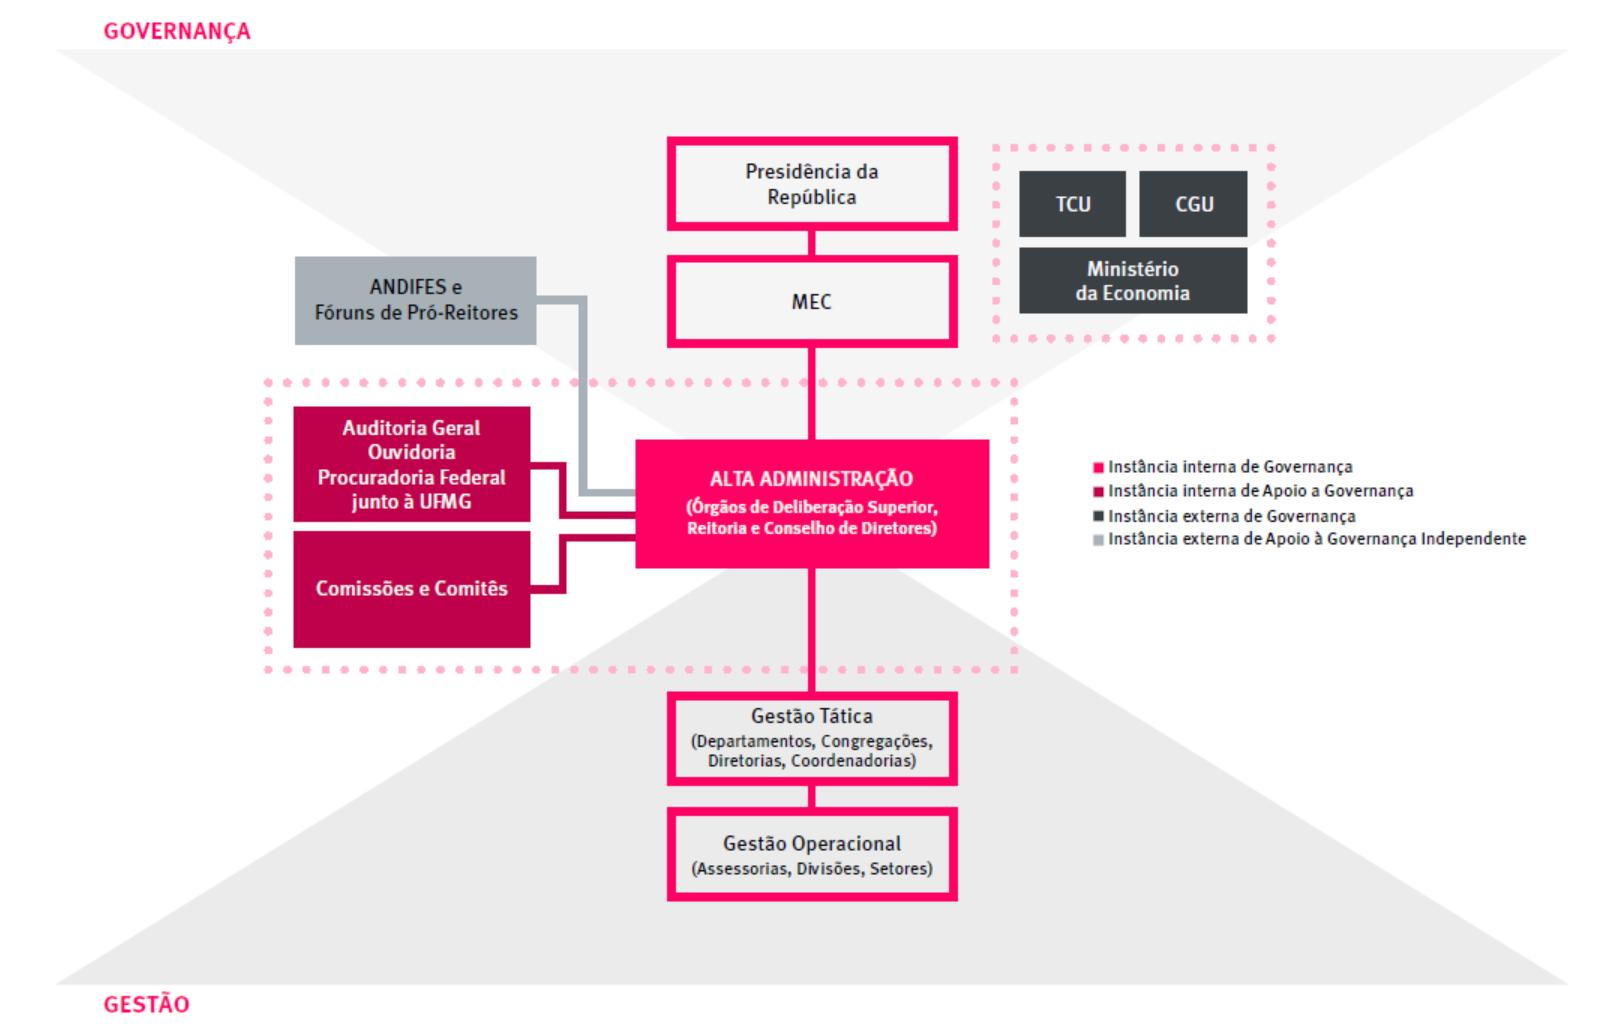 Estrutura de Governança da UFMG com órgãos internos e externos